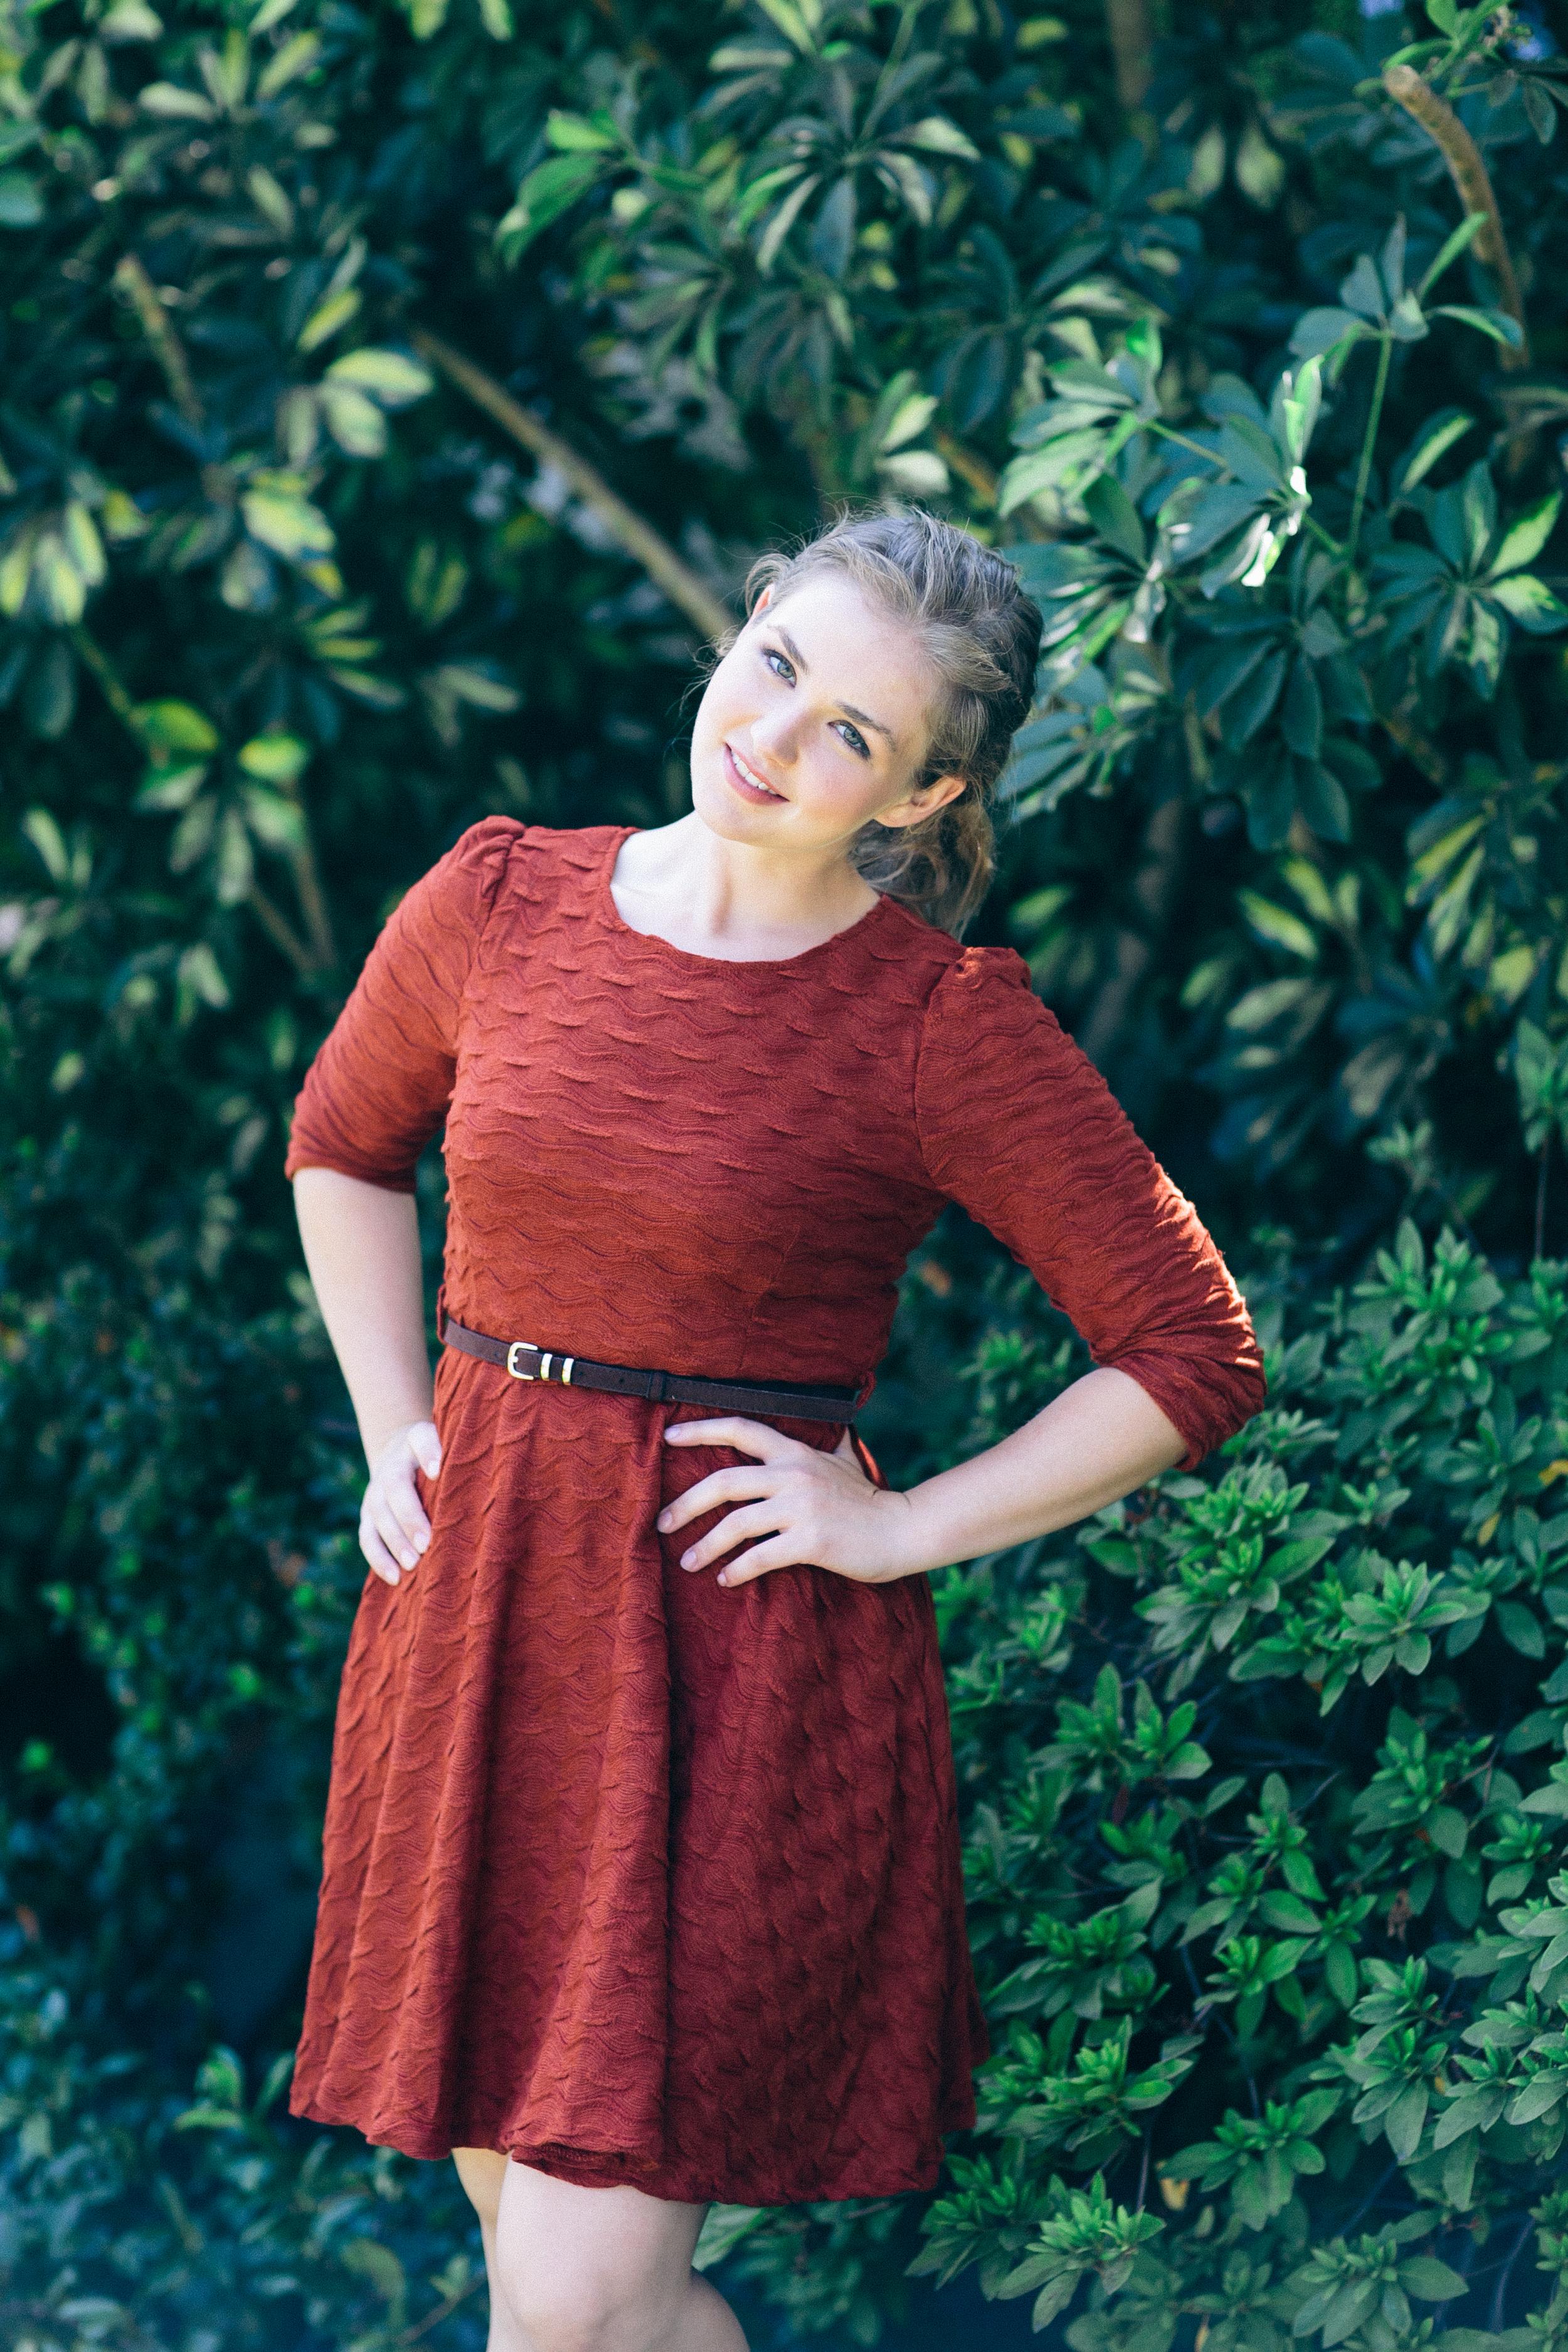 CourtneyLindbergPhotography_082113_0456.JPG